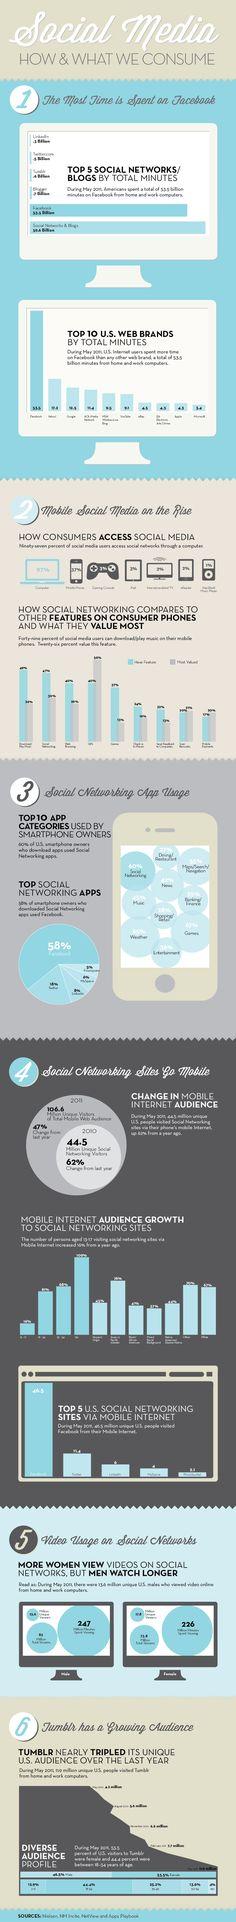 #SocialMedia, cómo y qué consumimos